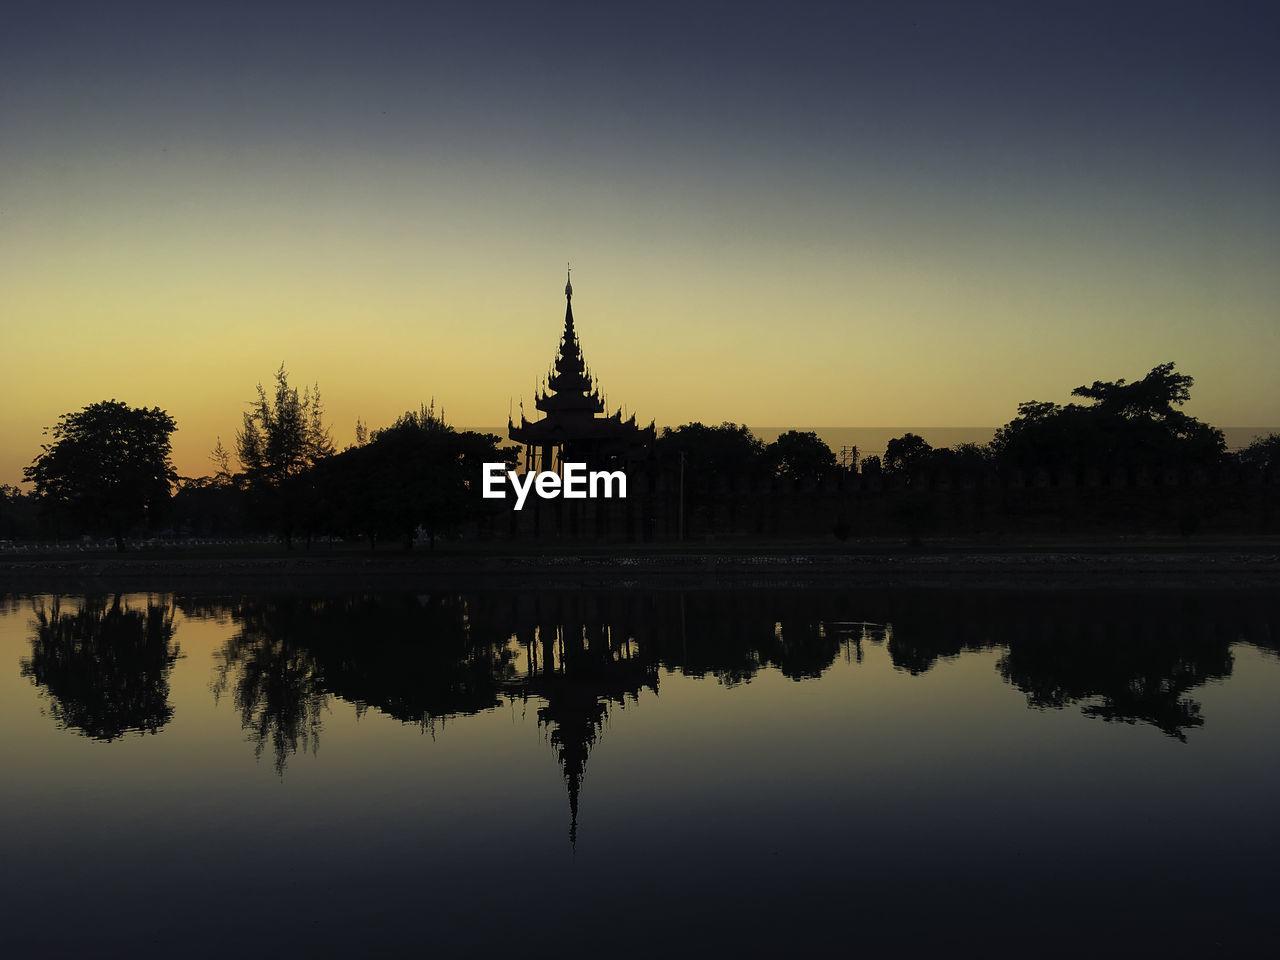 Photo taken in Mandalay, Myanmar